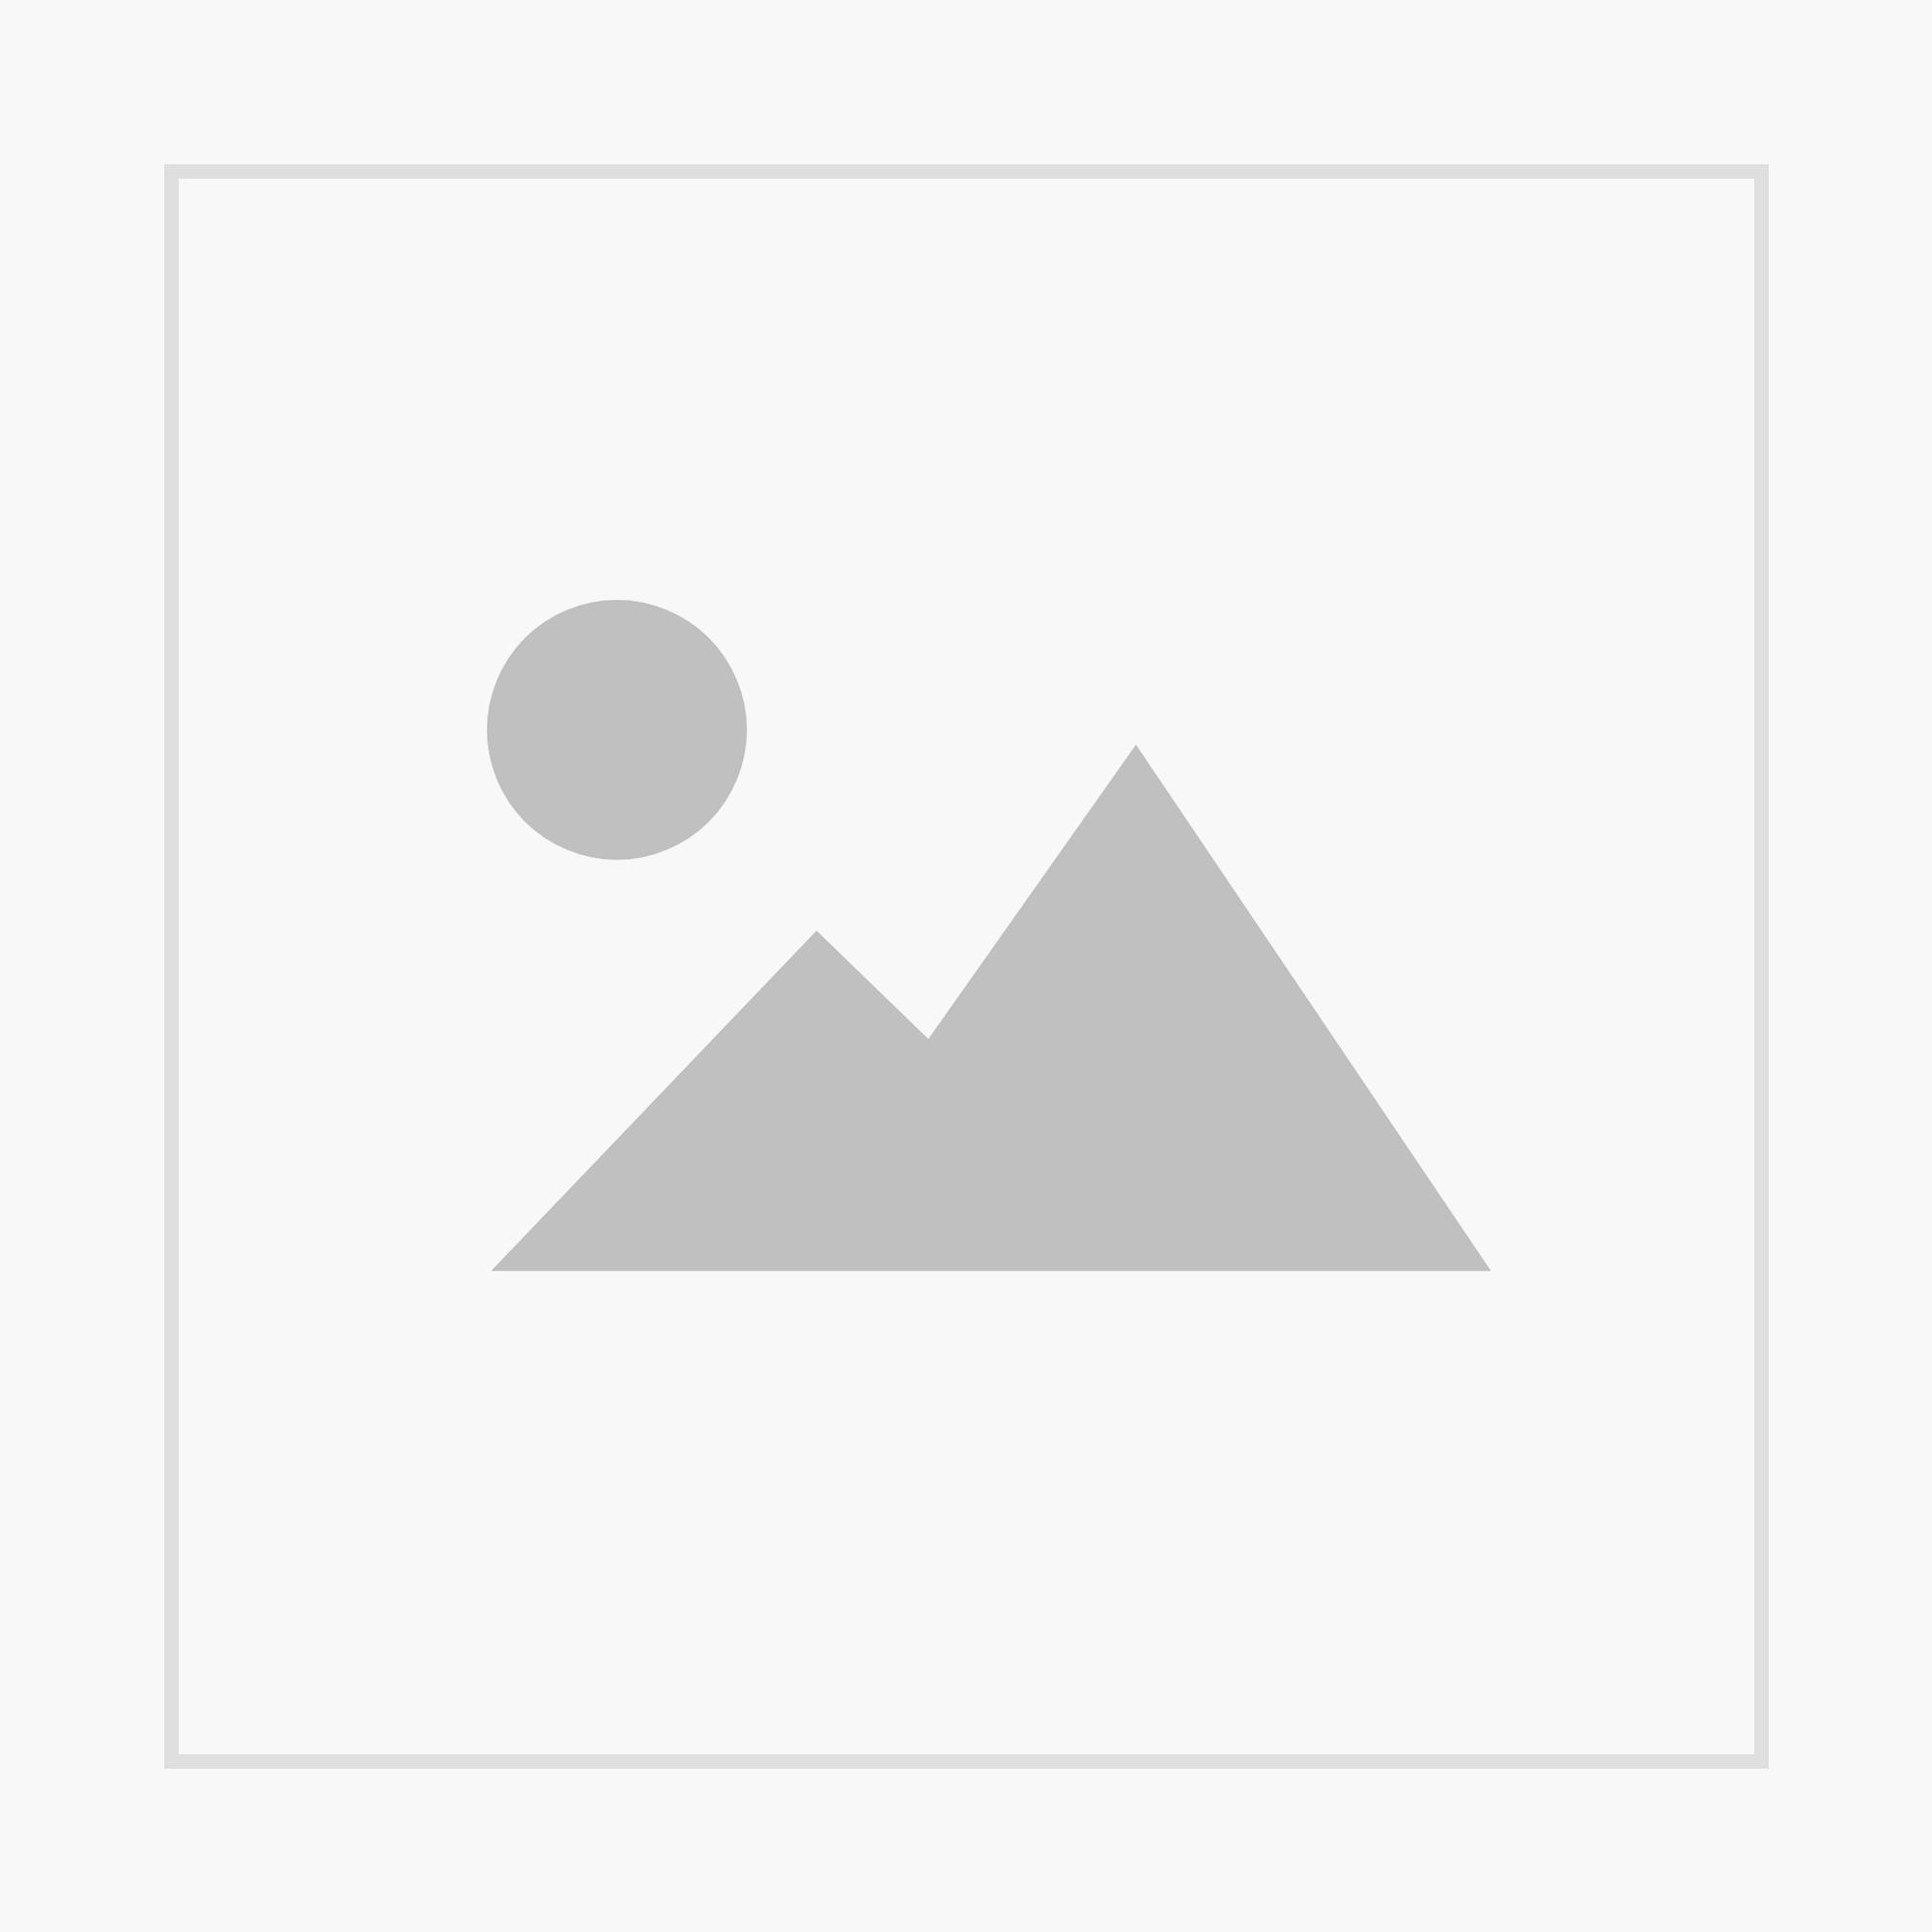 NaBiV Heft 149: Handlungserfordernisse in der Folge des FFH-Berichtes 2013